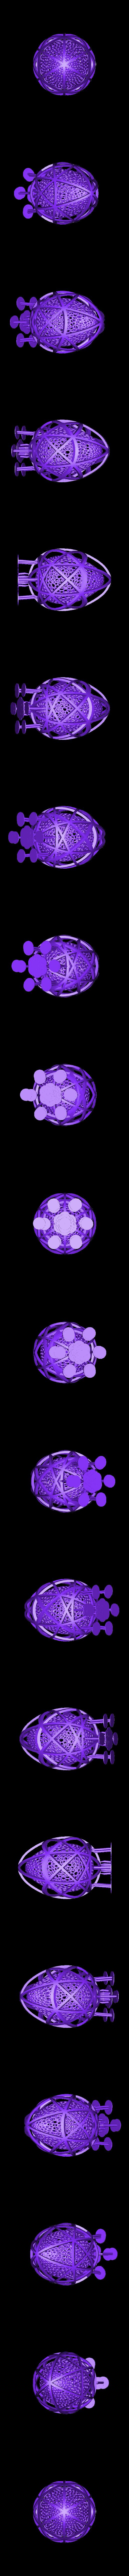 Egg_WS_8.stl Télécharger fichier STL gratuit Collection d'œufs de Pâques en résine • Plan pour imprimante 3D, ChrisBobo